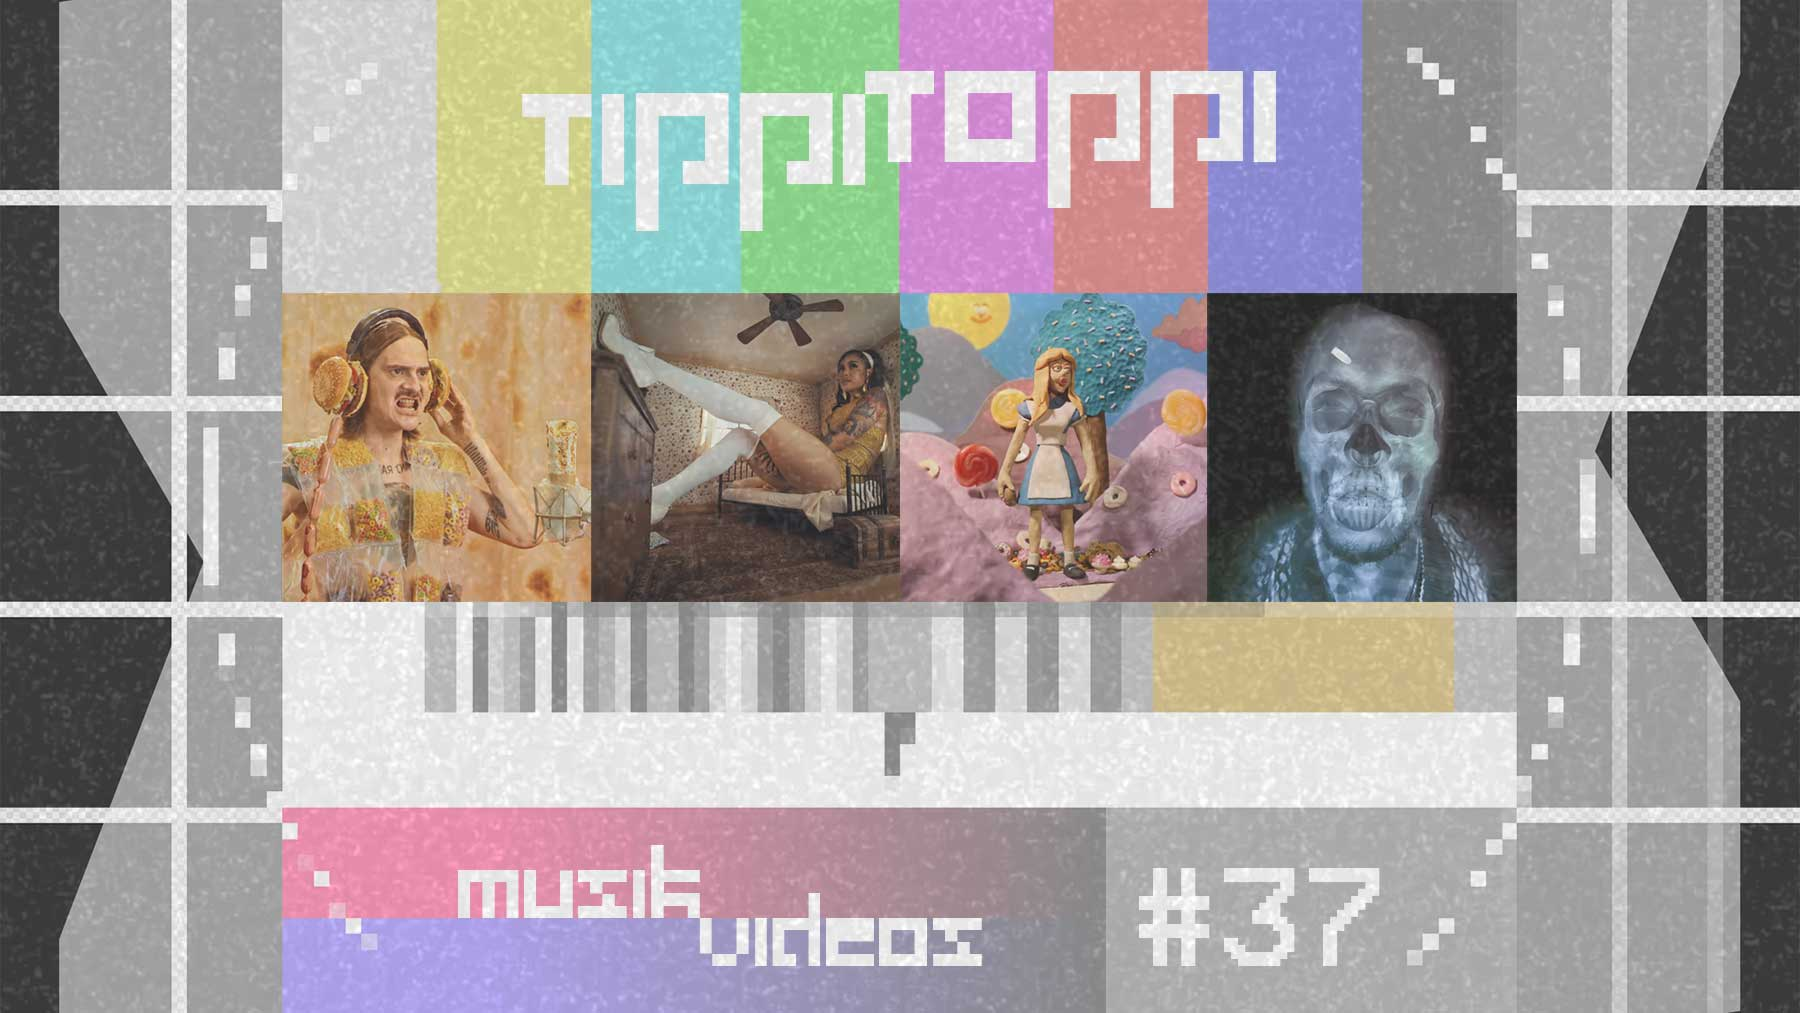 Tippi Toppi Musikvideos Vol. 37 TIPPITOPPIMUSIKVIDEO_37